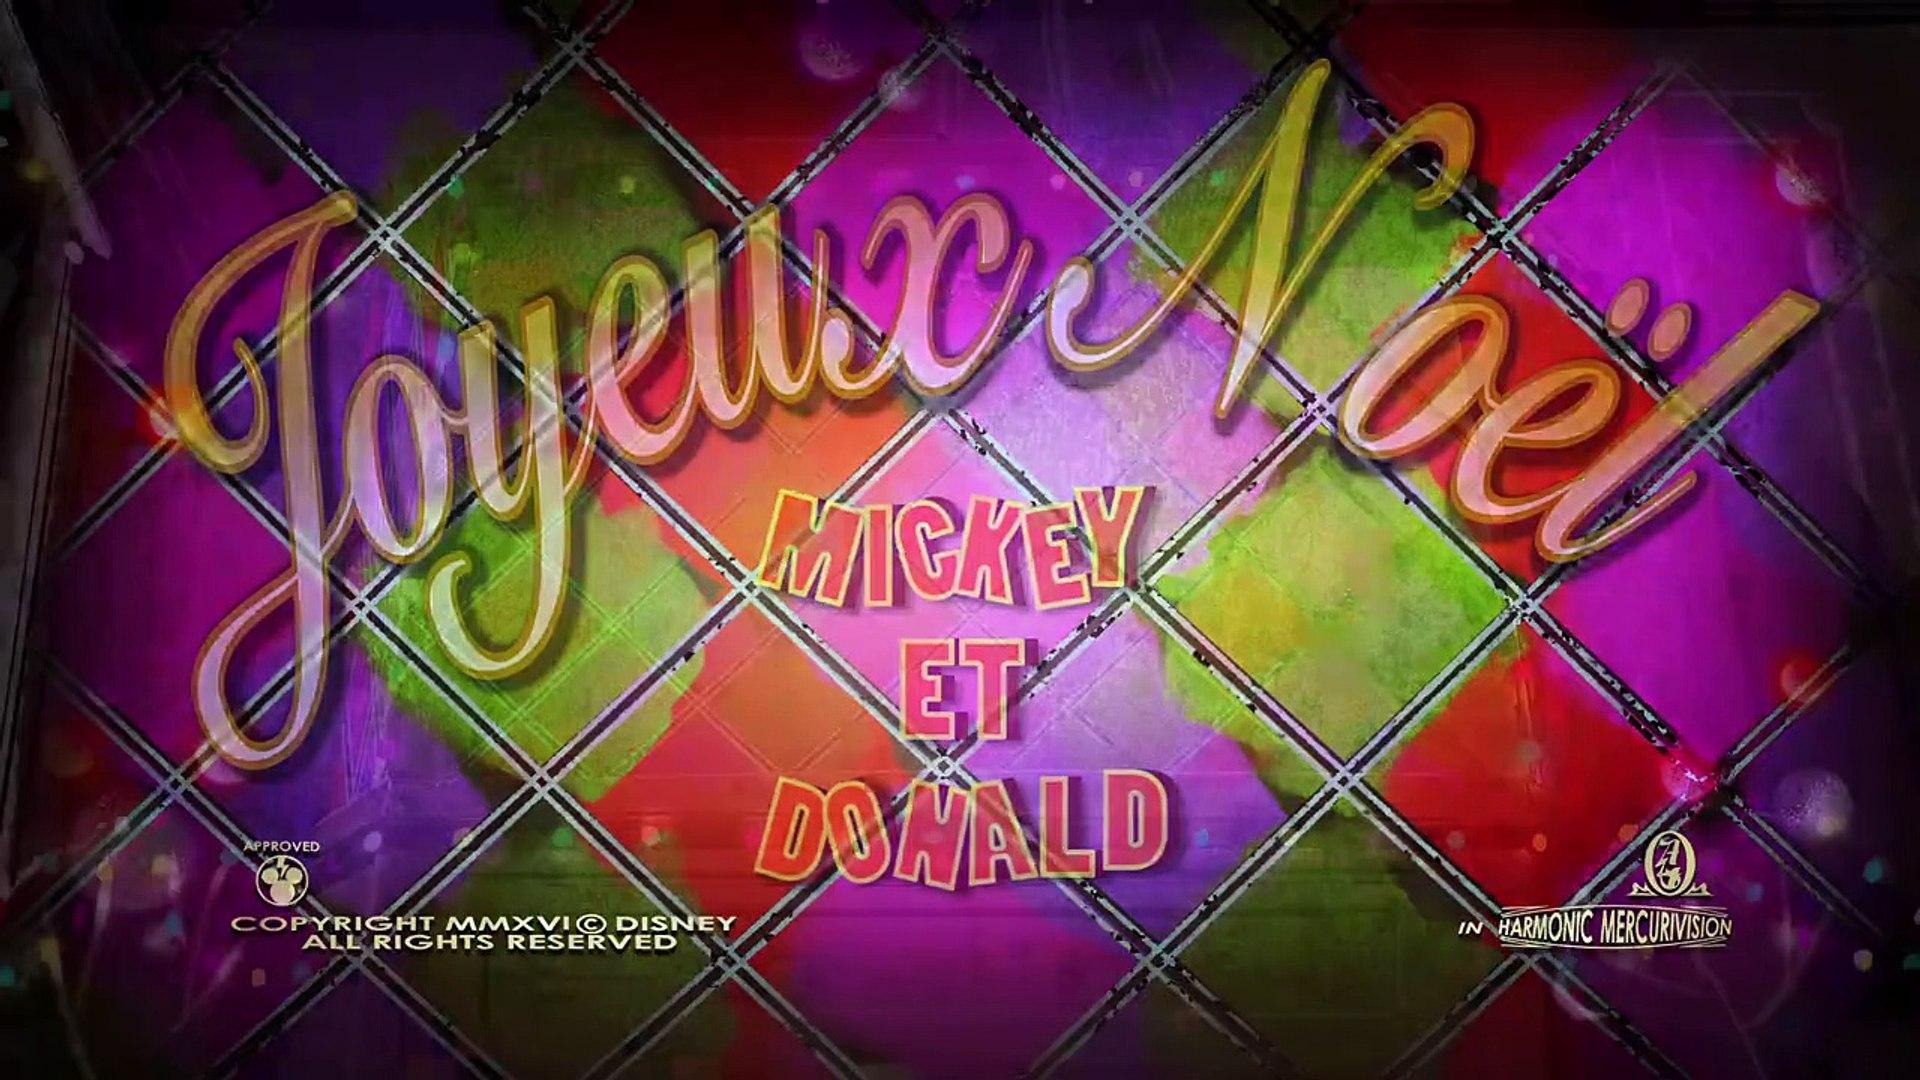 Mickey Mouse  - Joyeux Noël Mickey et Donald -